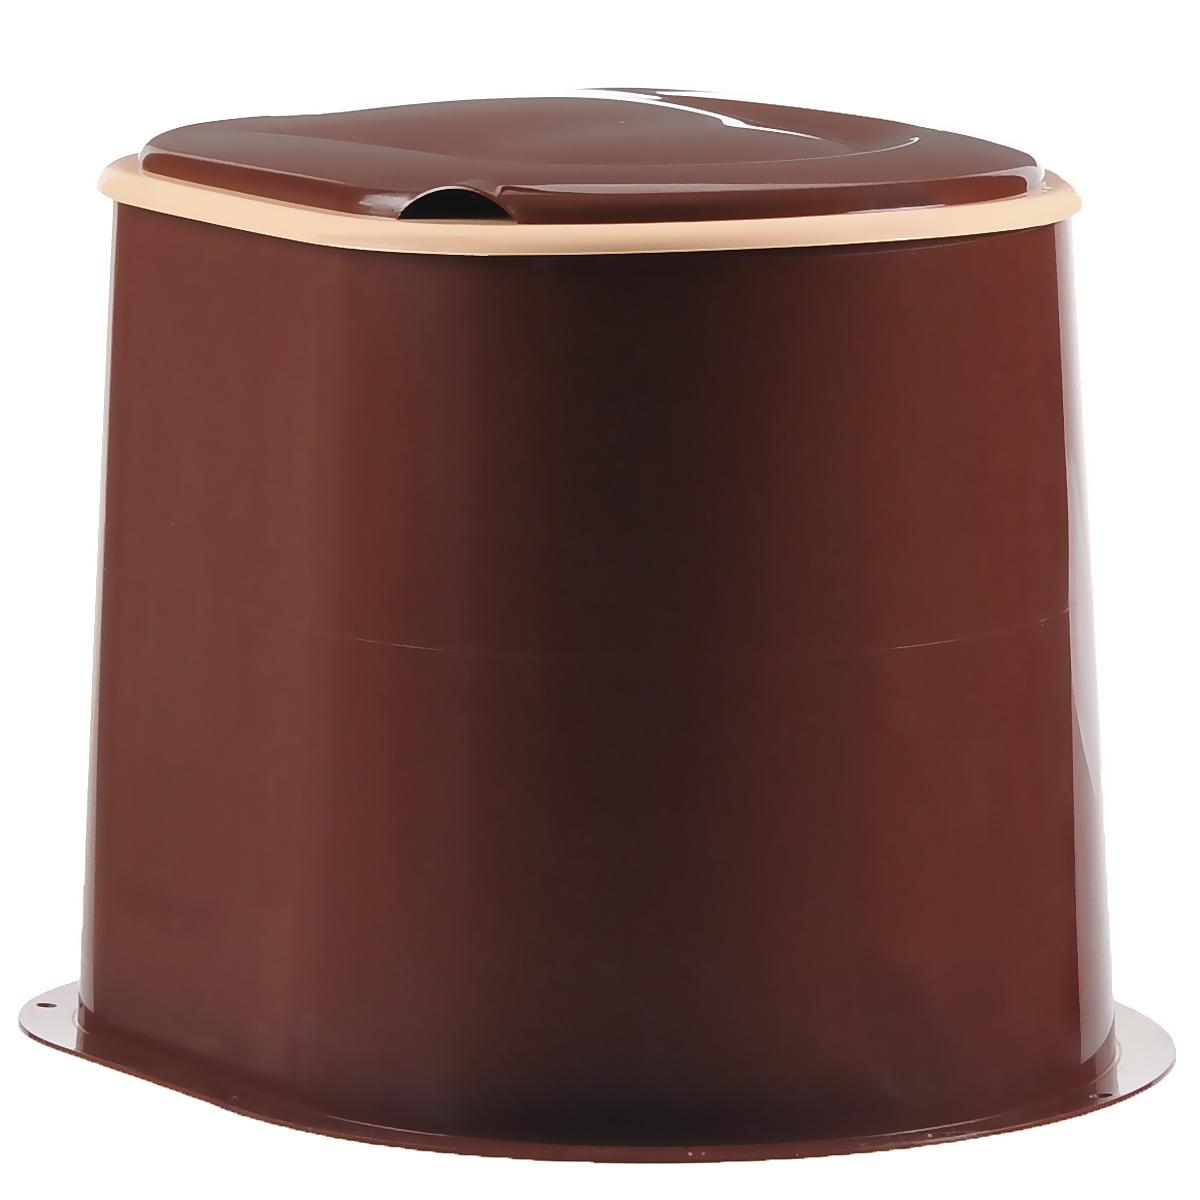 Туалет дачный Альтернатива, цвет: коричневый. М1295